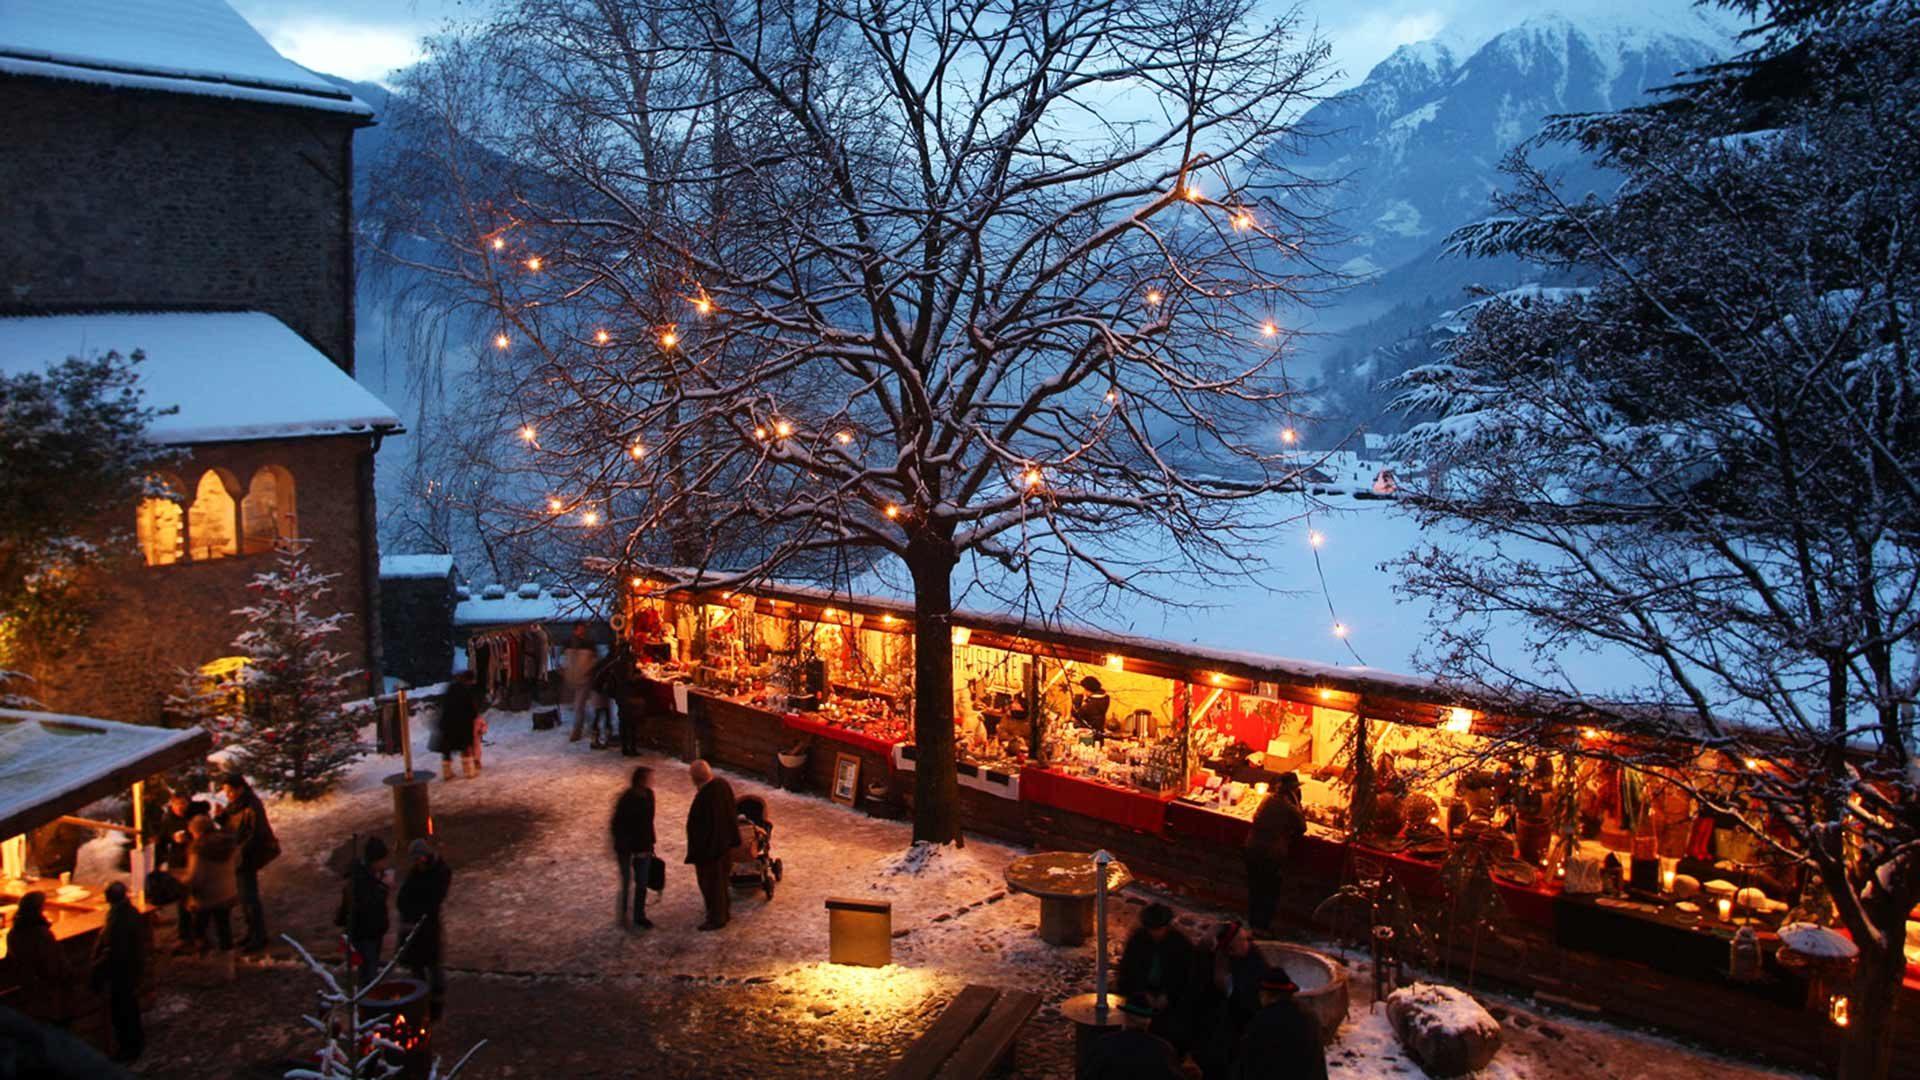 Tiroler Schlossadvent